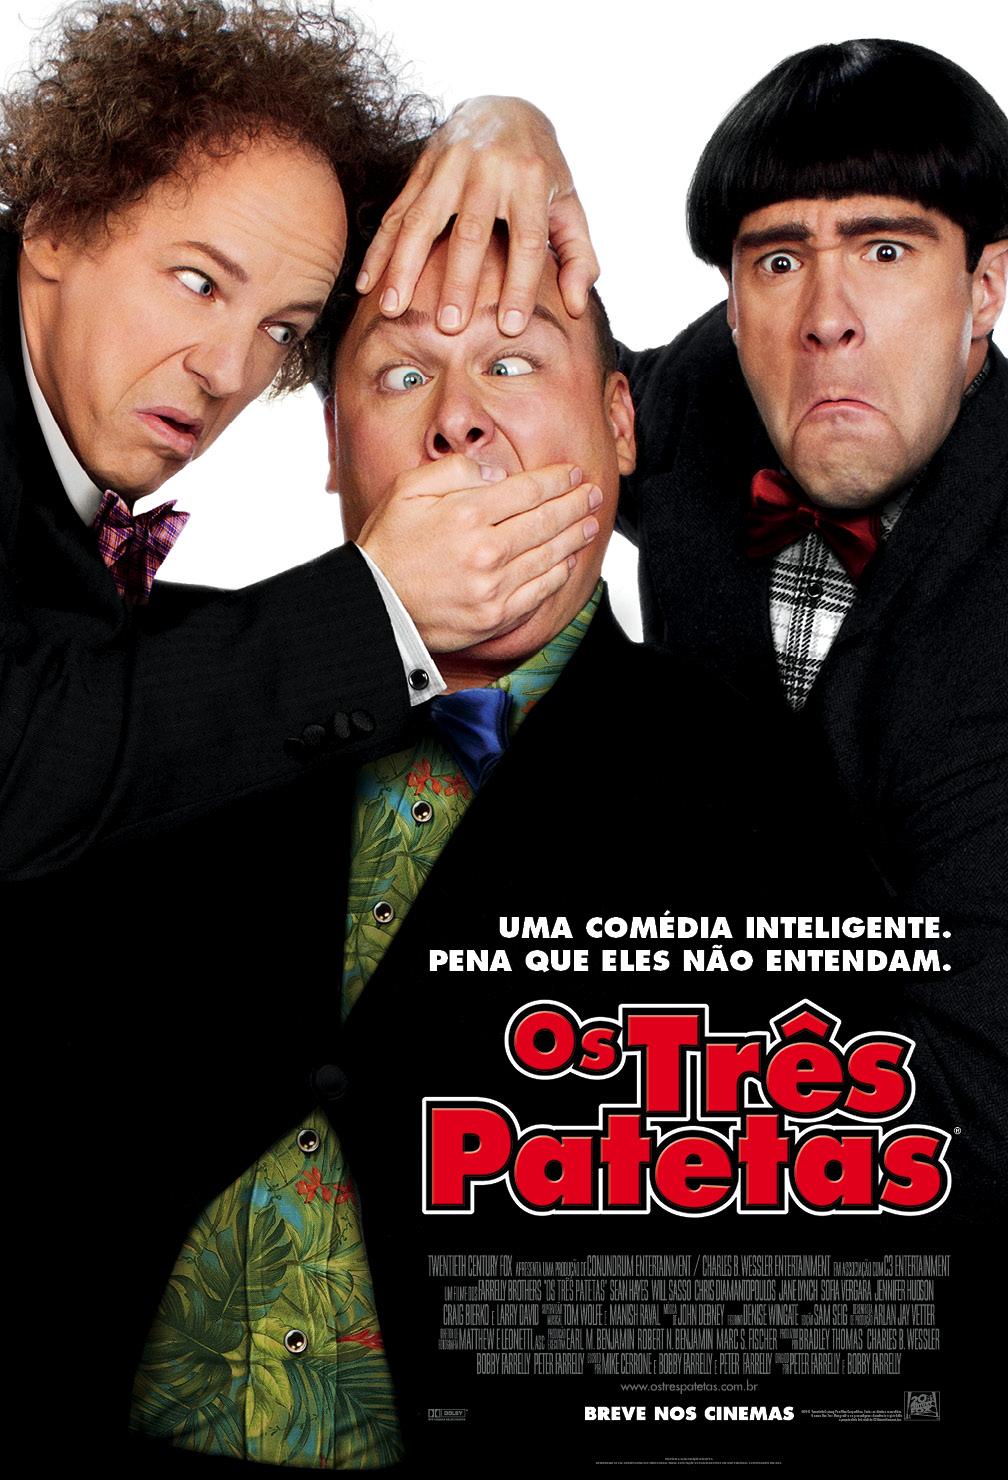 Imagens Os Três Patetas (2012) Torrent Dublado 1080p 720p BluRay Download